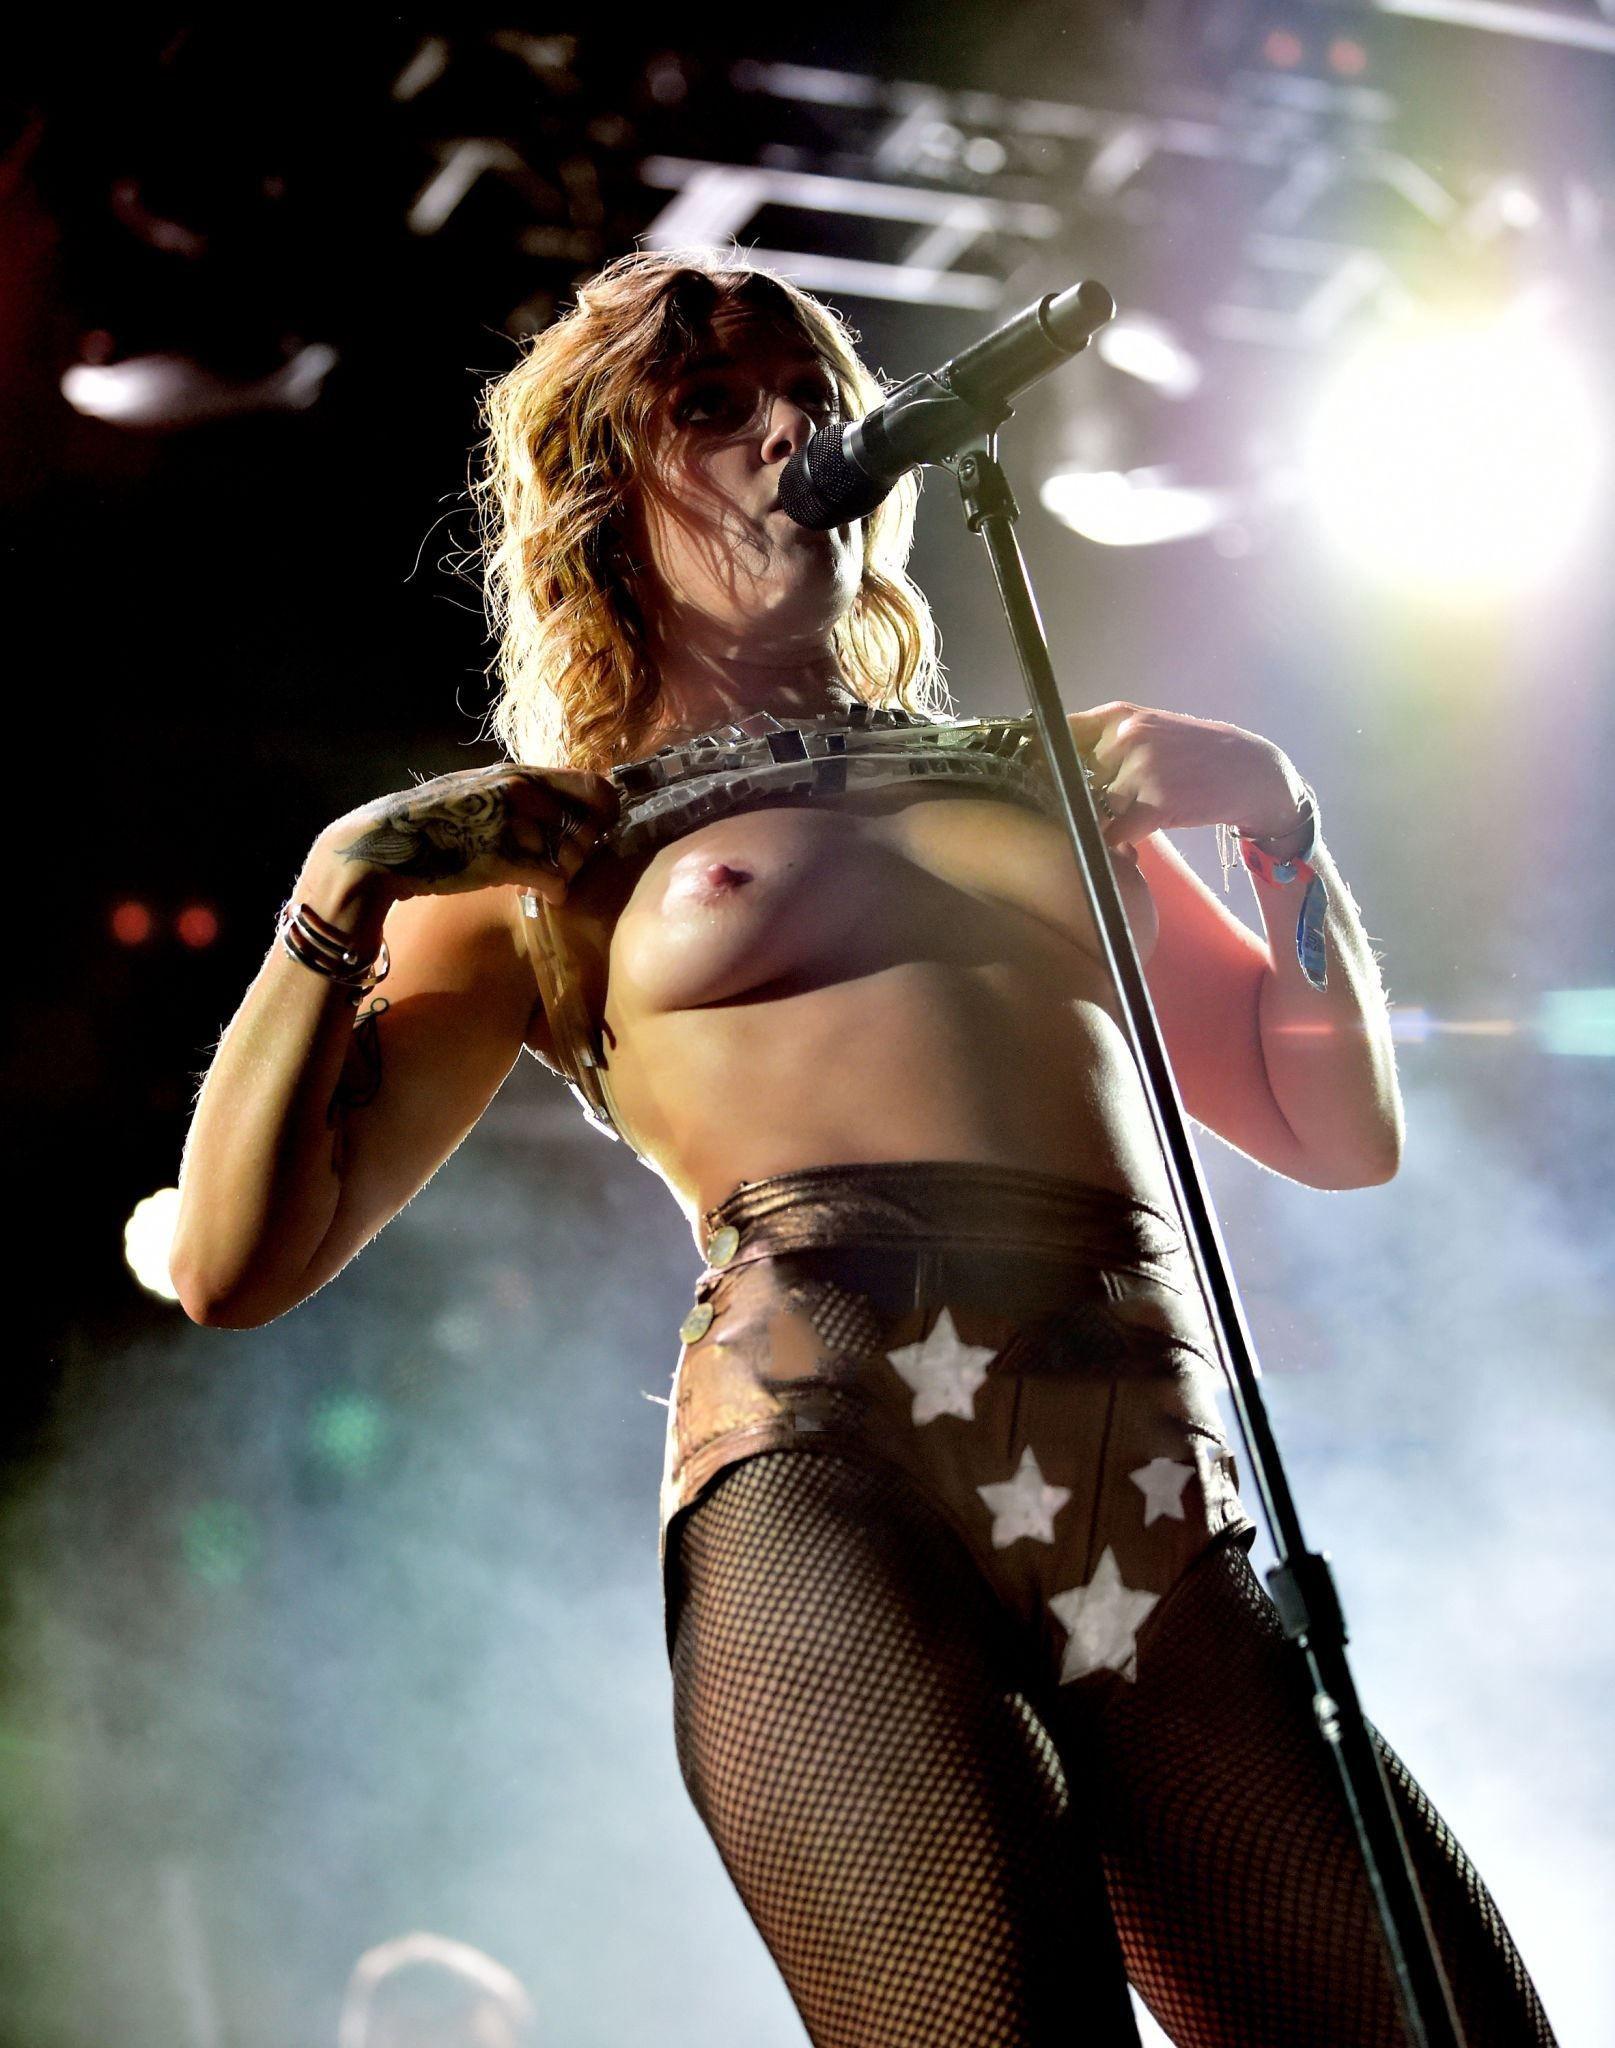 Sing naked